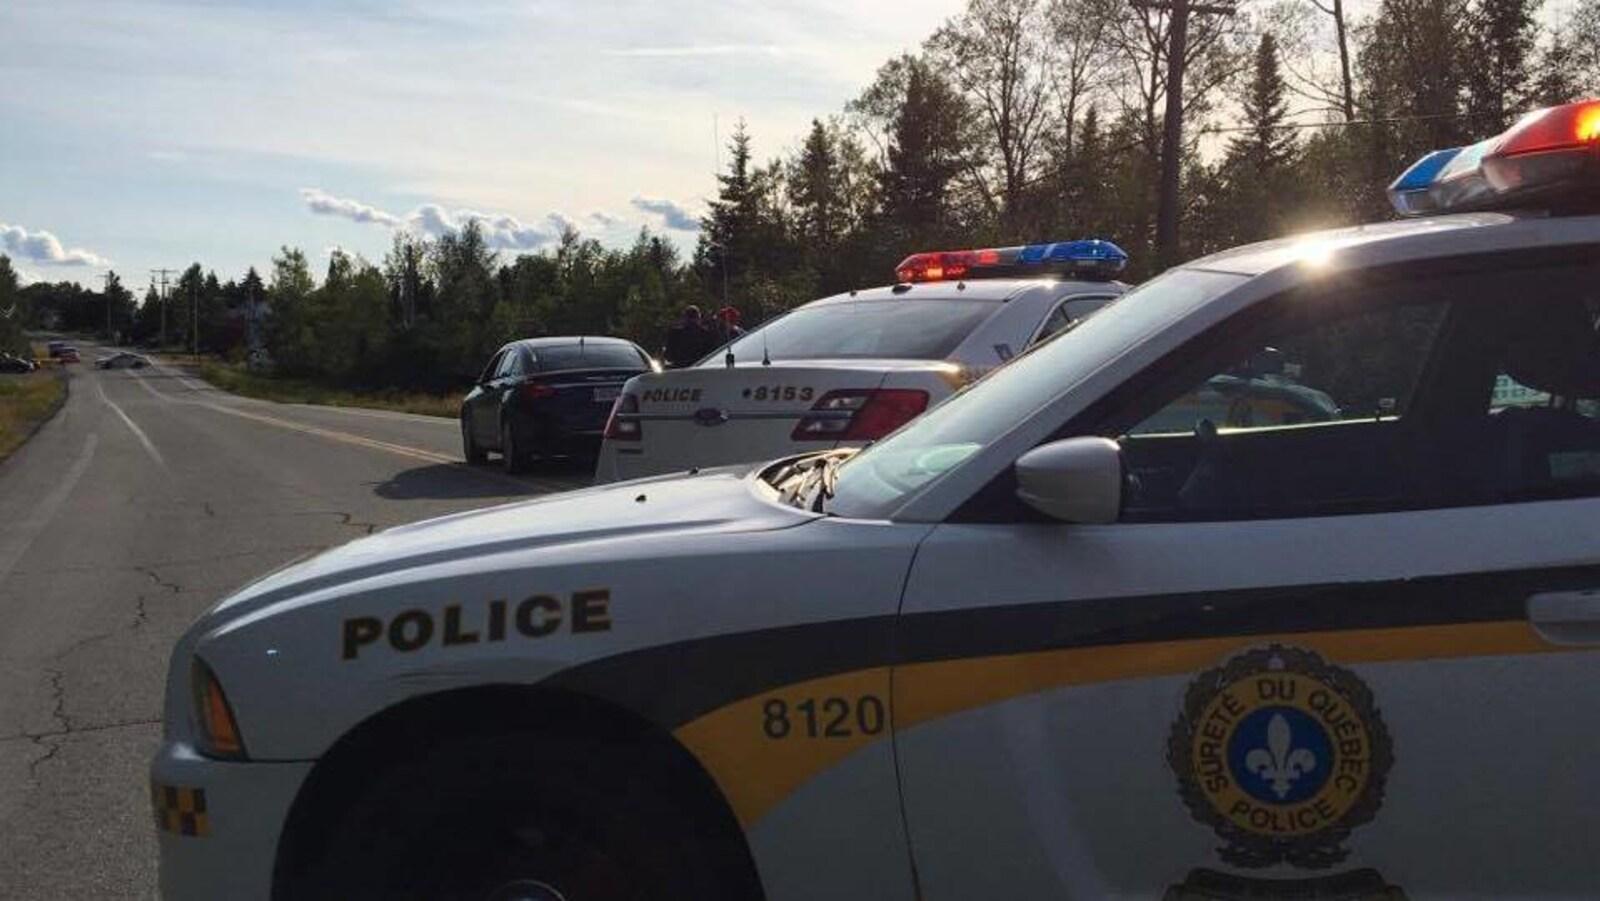 Périmètre de sécurité mis en place après que deux adolescentes aient été heurtées par un automobiliste.